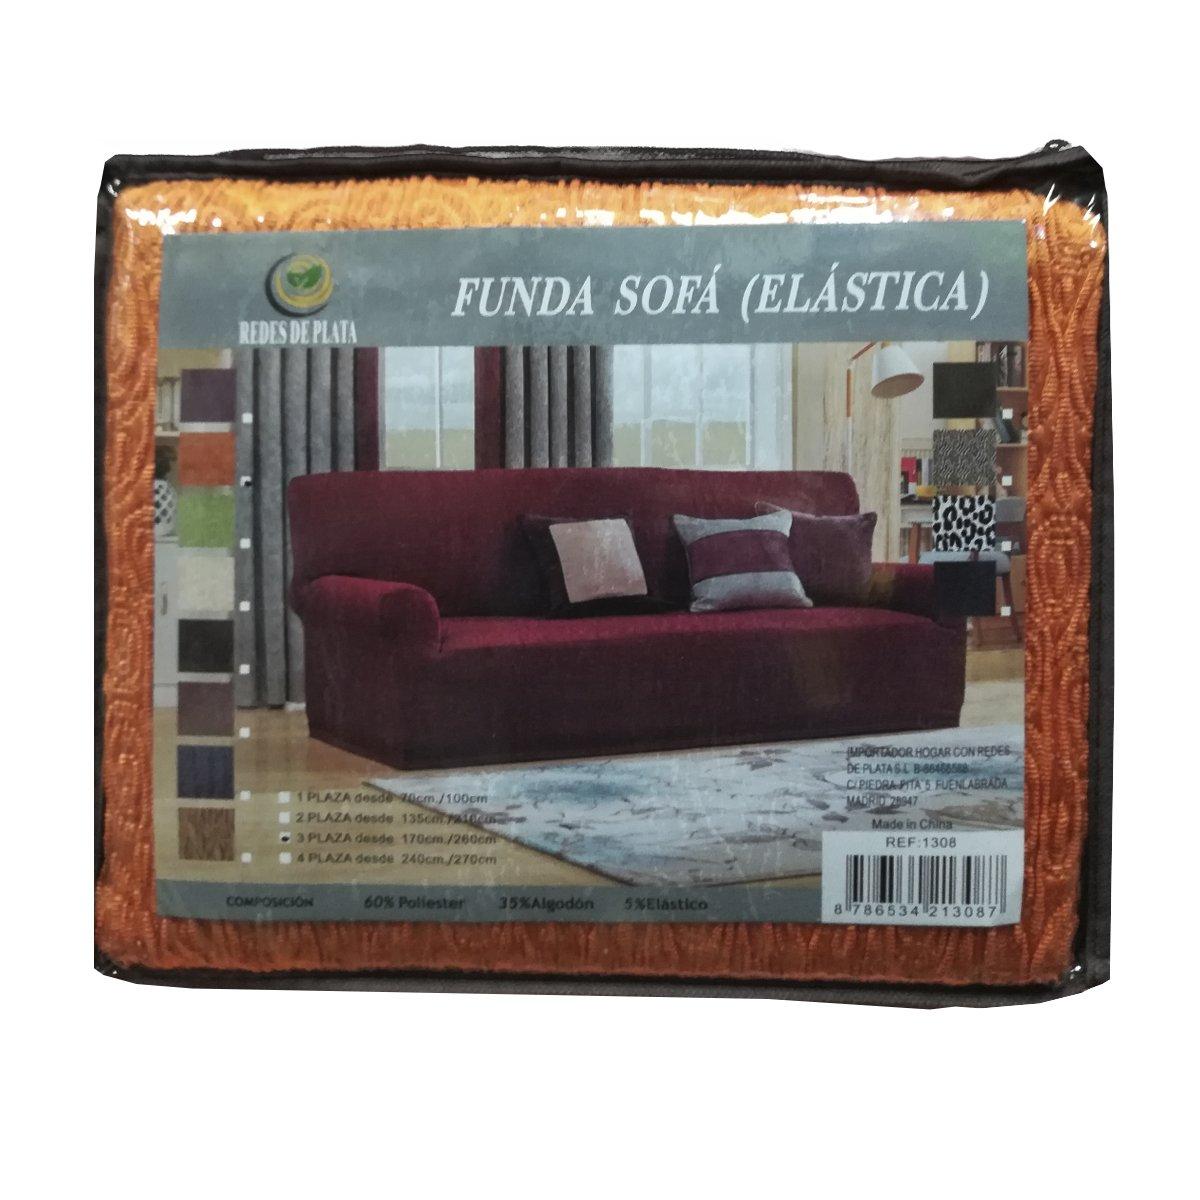 Dabuty Online, S.L. Funda para Sofa Elastica Tres plazas ...